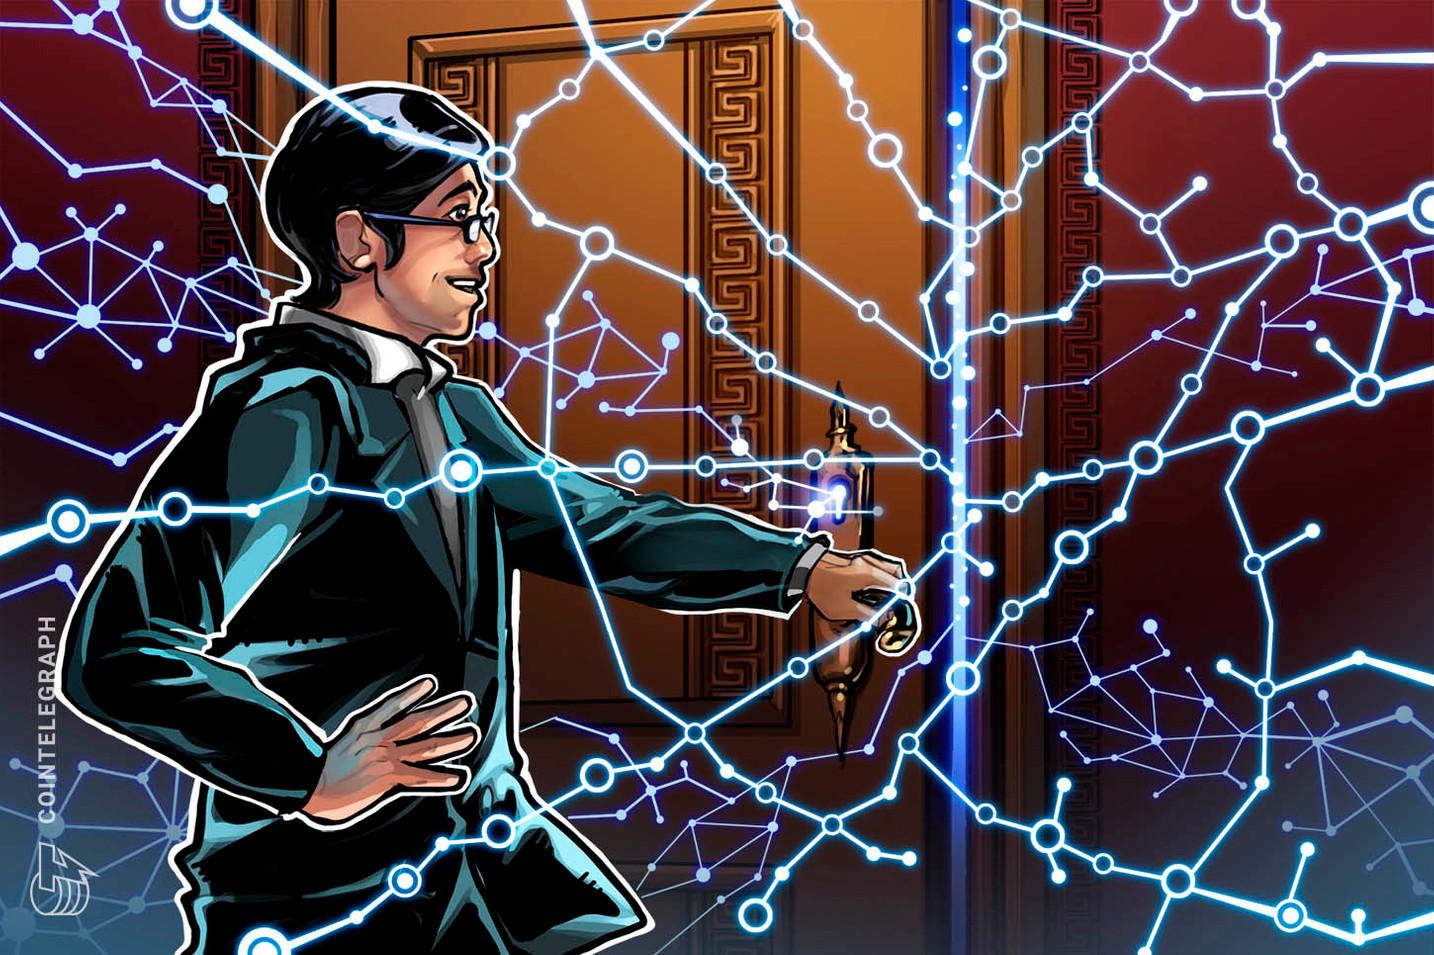 La segunda ciudad más poblada de Corea del Sur firma un memorando de entendimiento con empresa Blockchain para promover Fintech